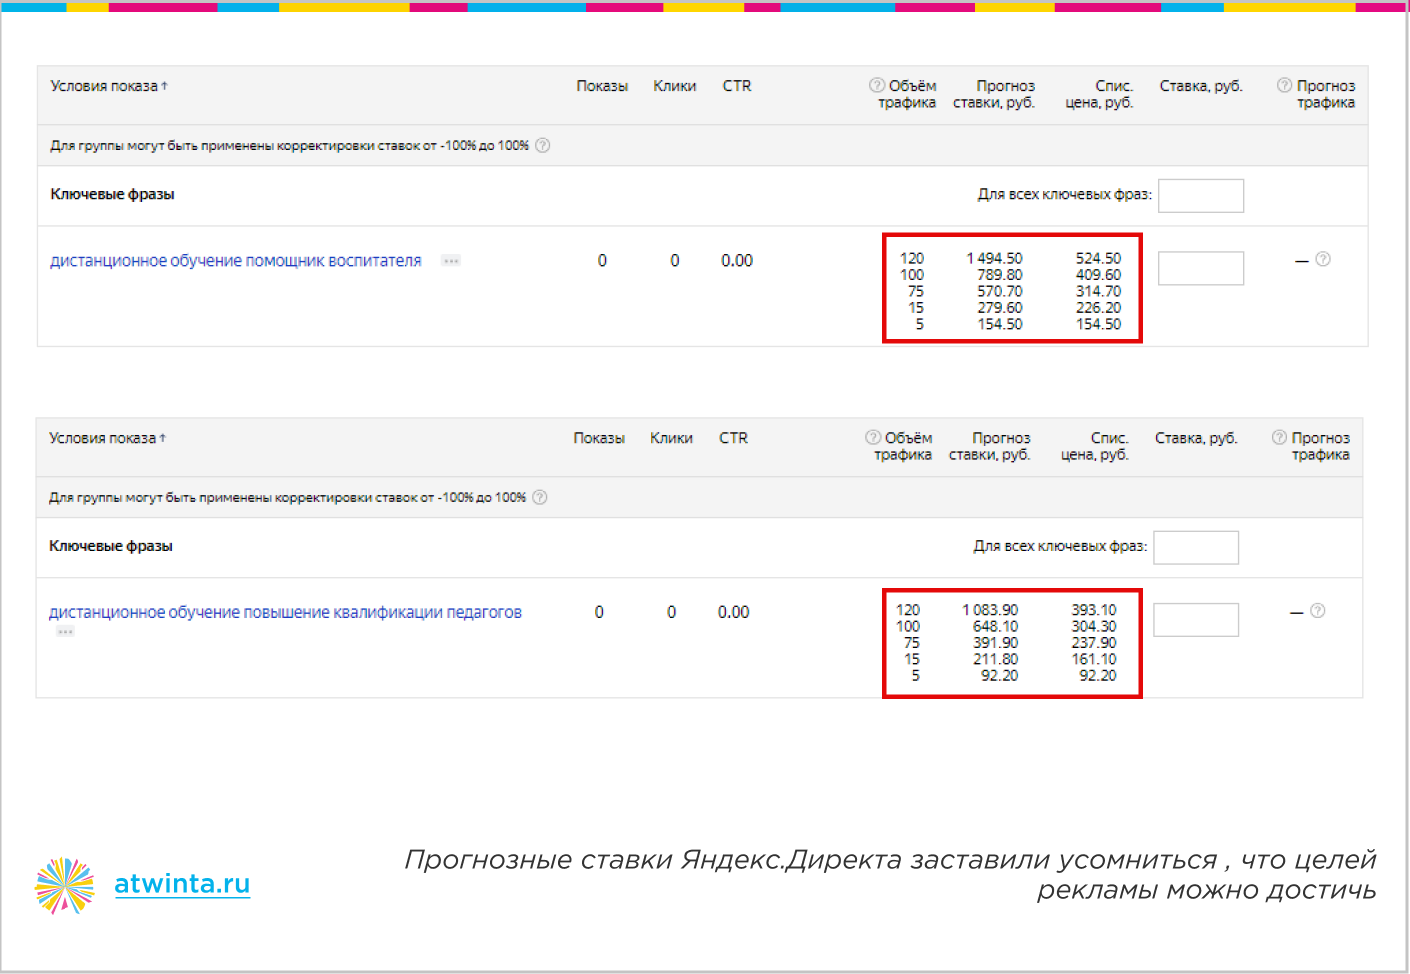 Почему не работает контекстная реклама — прогнозные ставки в Яндексе